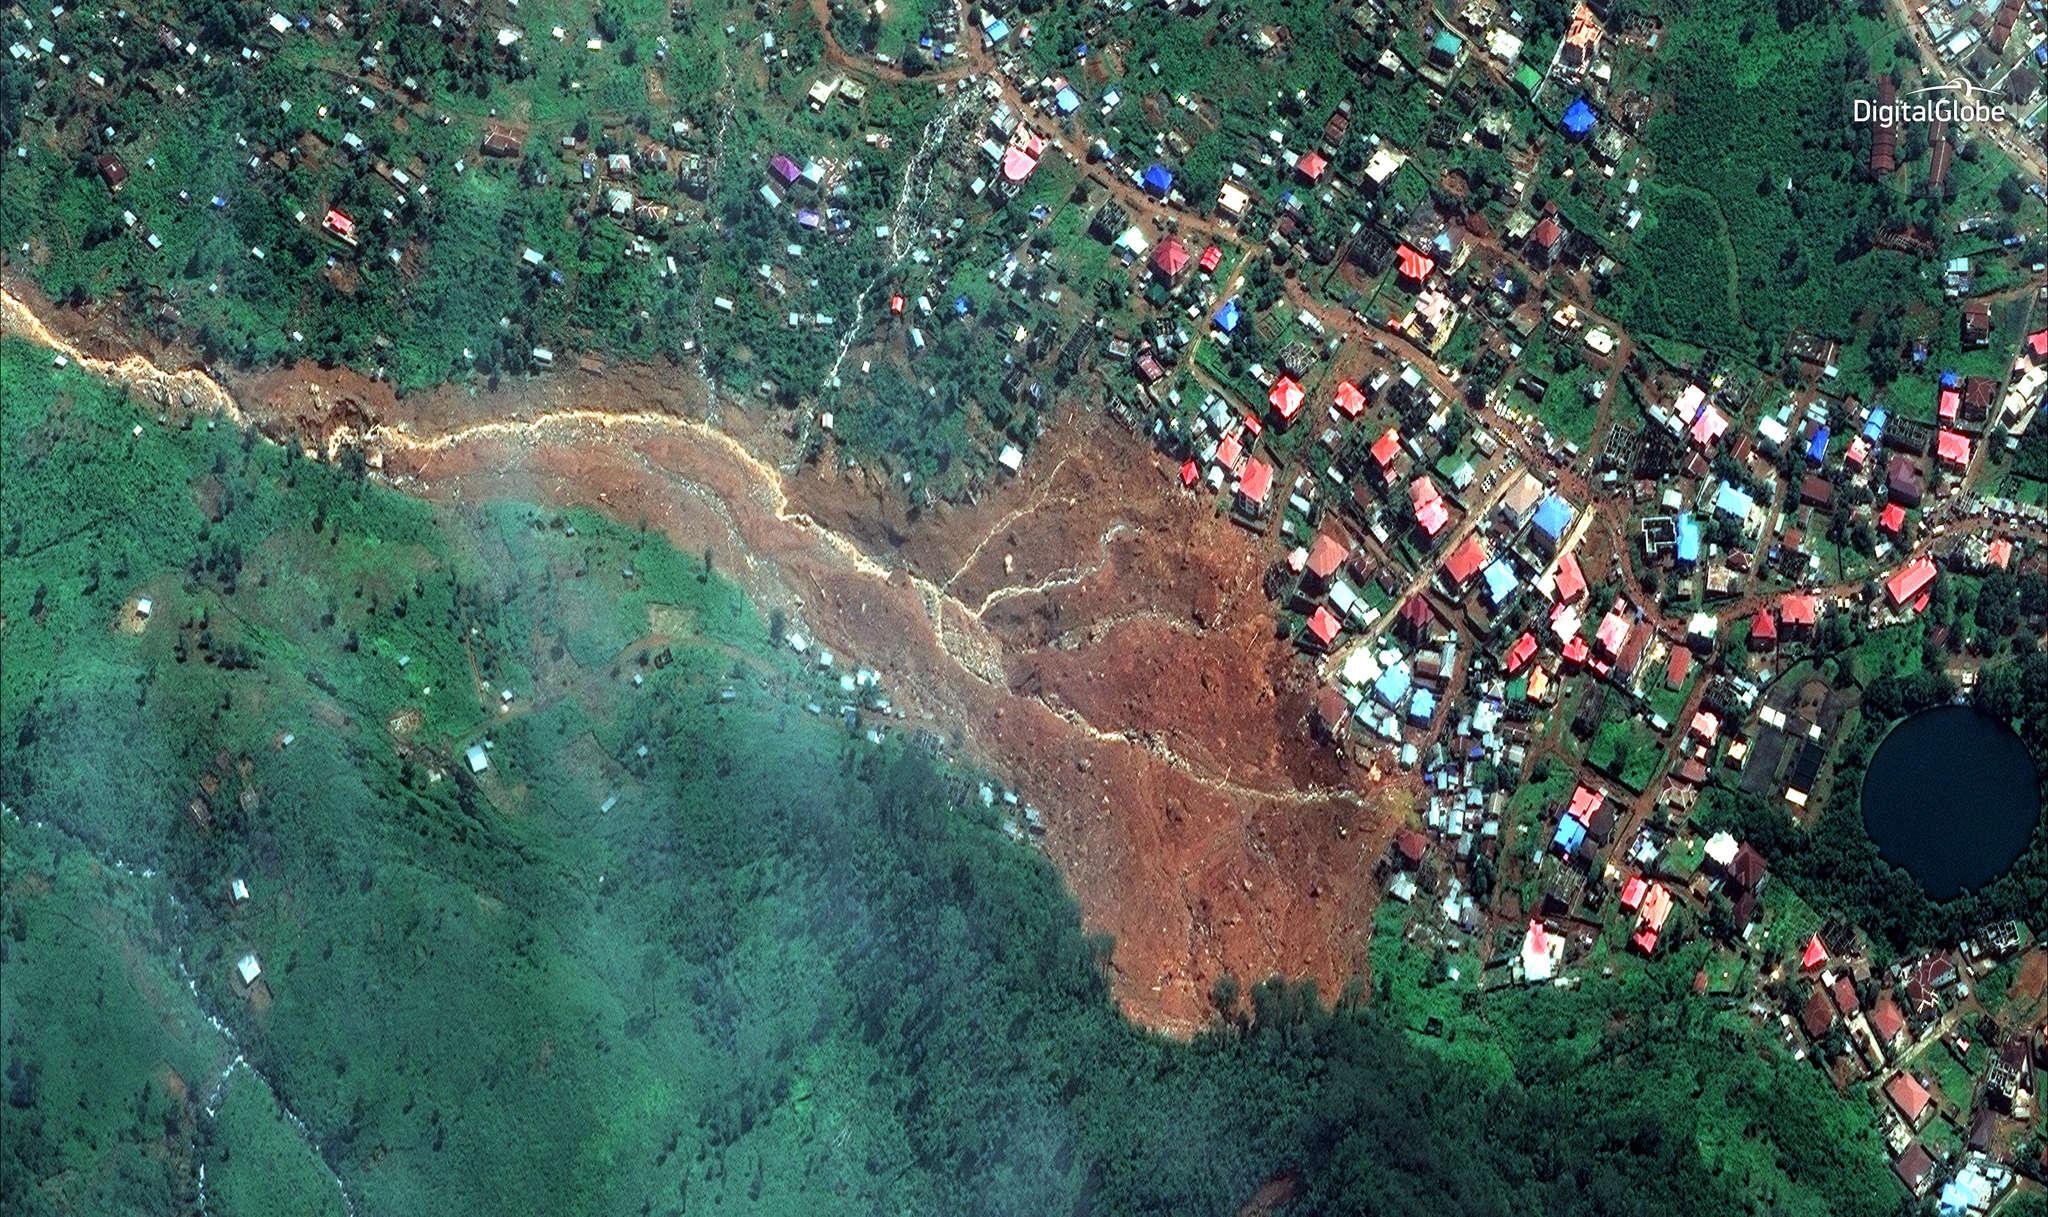 Image satellite de la coulée de boue, à Freetown. Selon la Croix-Rouge locale, plus de 300personnes sont décédées dans la catastrophe. Des responsables de la morgue centrale de la capitale ont de leur côté évoqué le chiffre de 400morts, dont 105enfants.